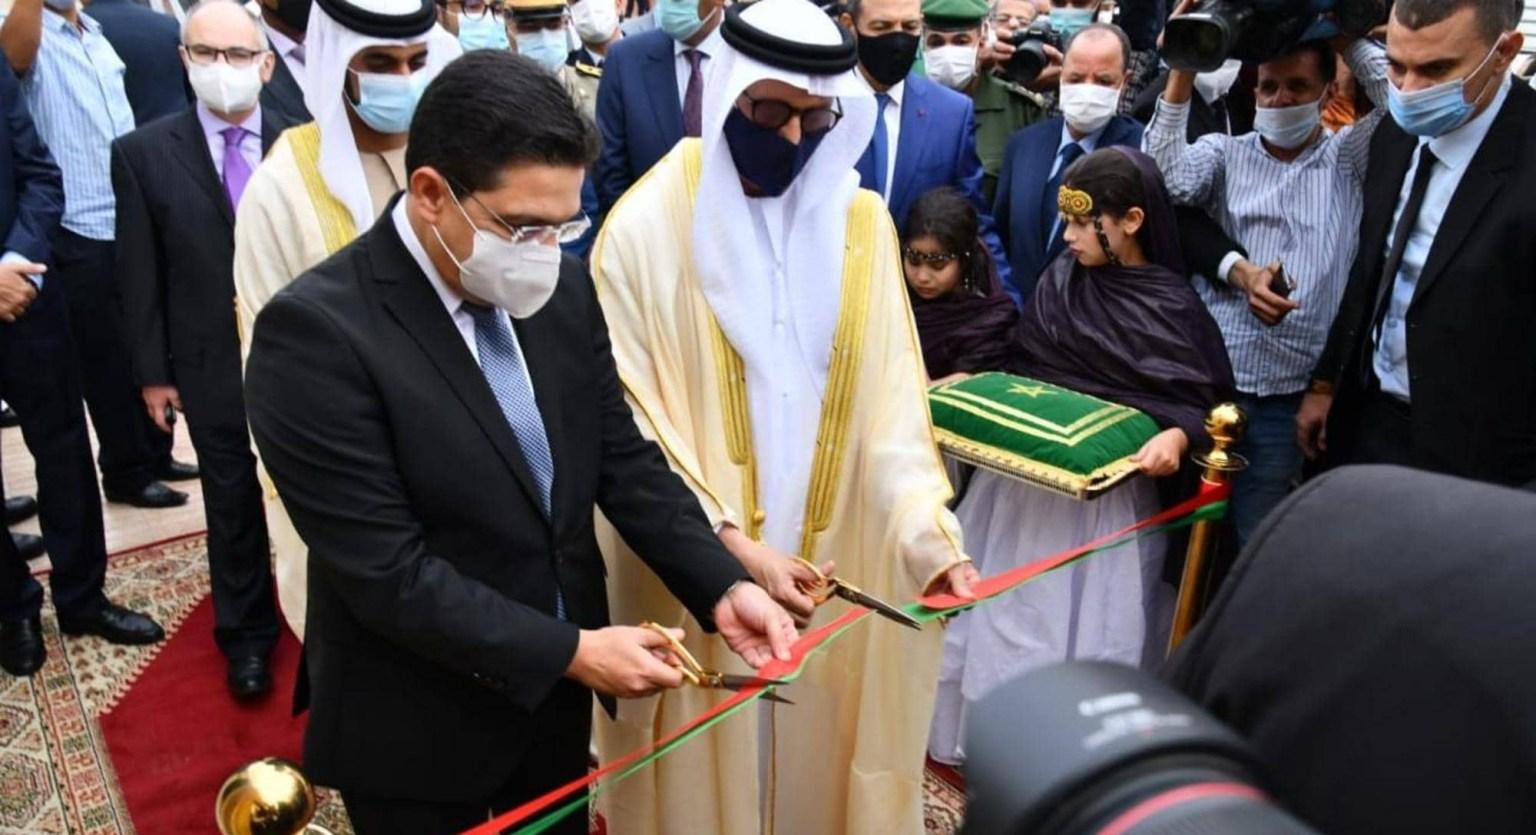 بوريطة.. افتتاح قنصلية الإمارات بالعيون له دلالات سياسية وقانونية